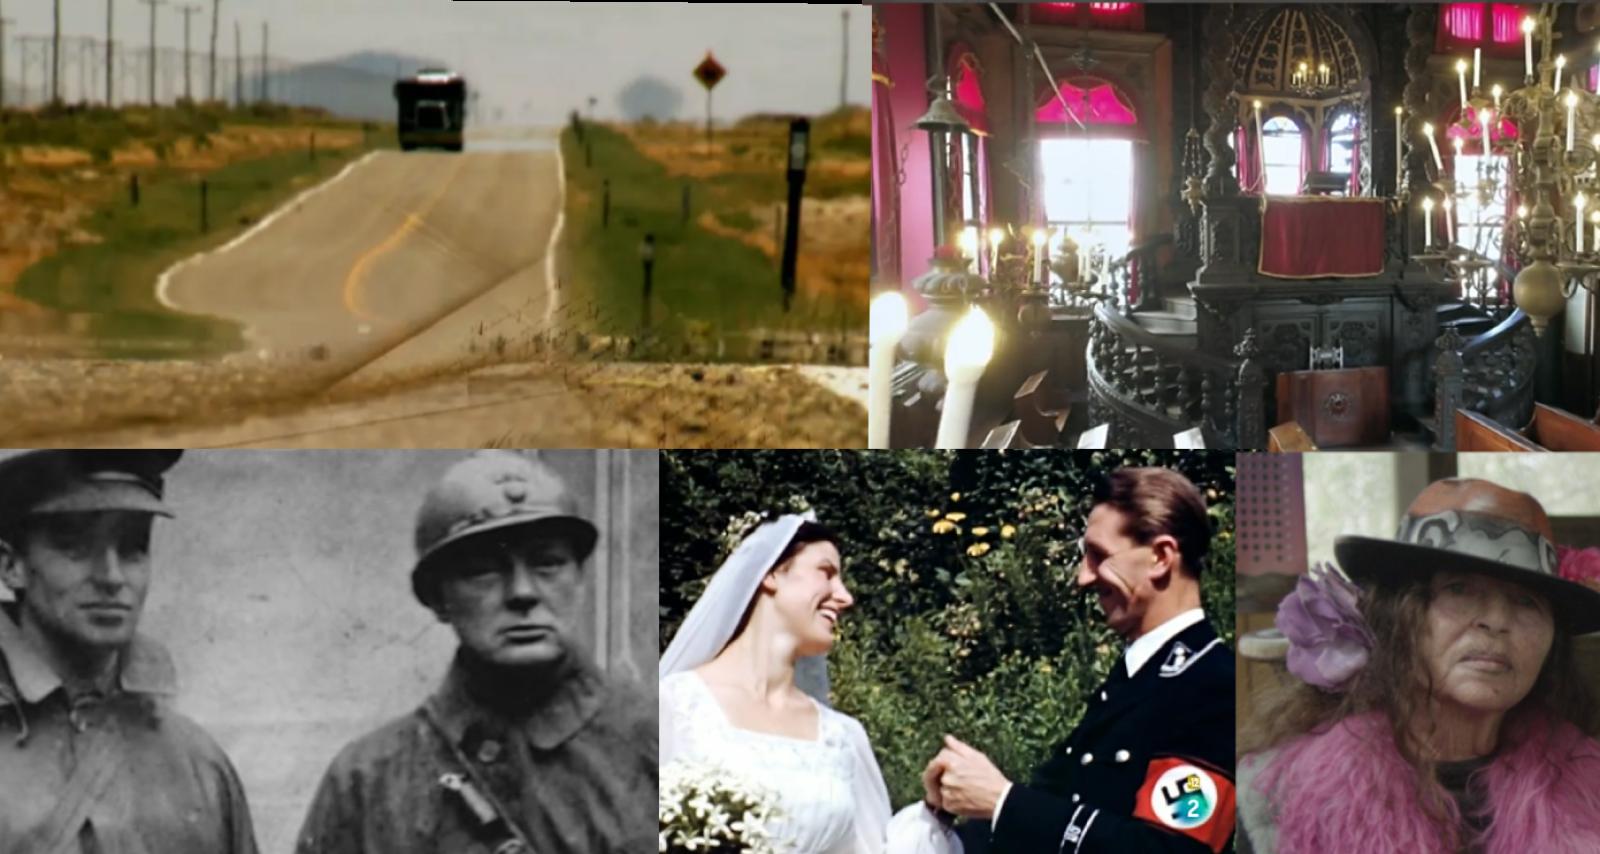 Los documentales de Historia son una partre importante de la programción de La 2